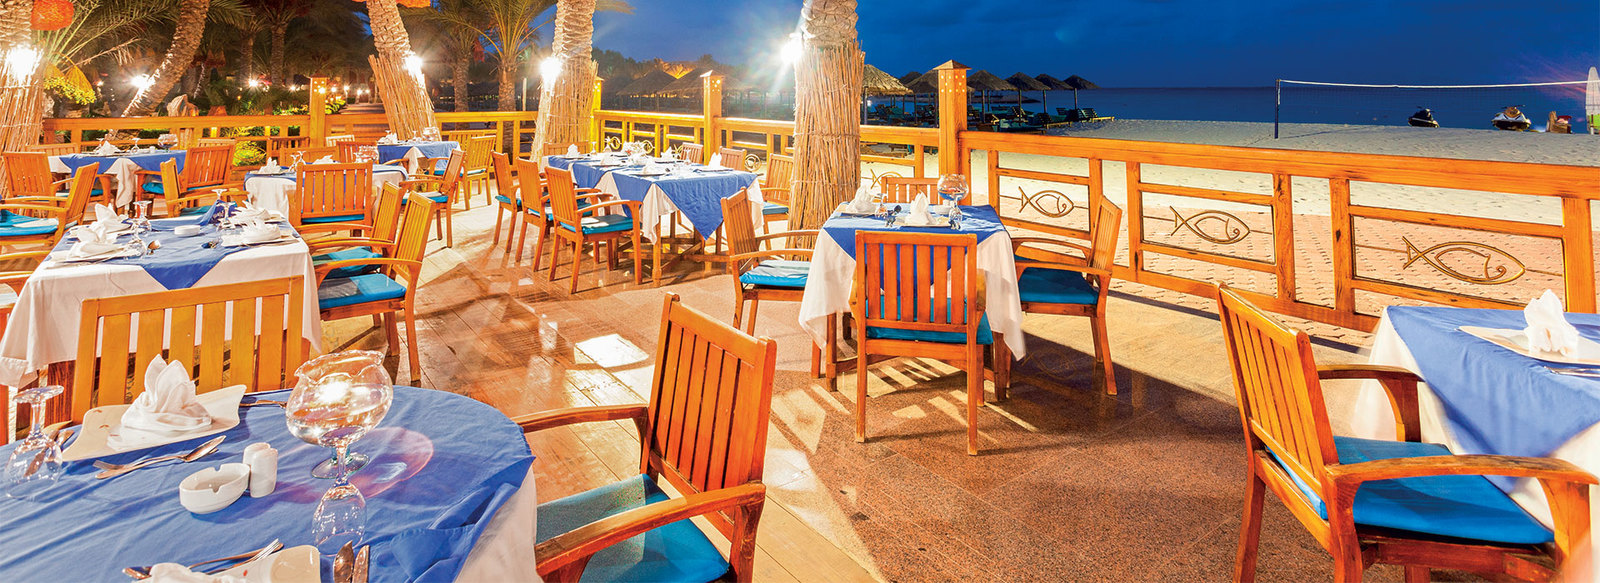 Resort 5* direttamente sulla spiaggia